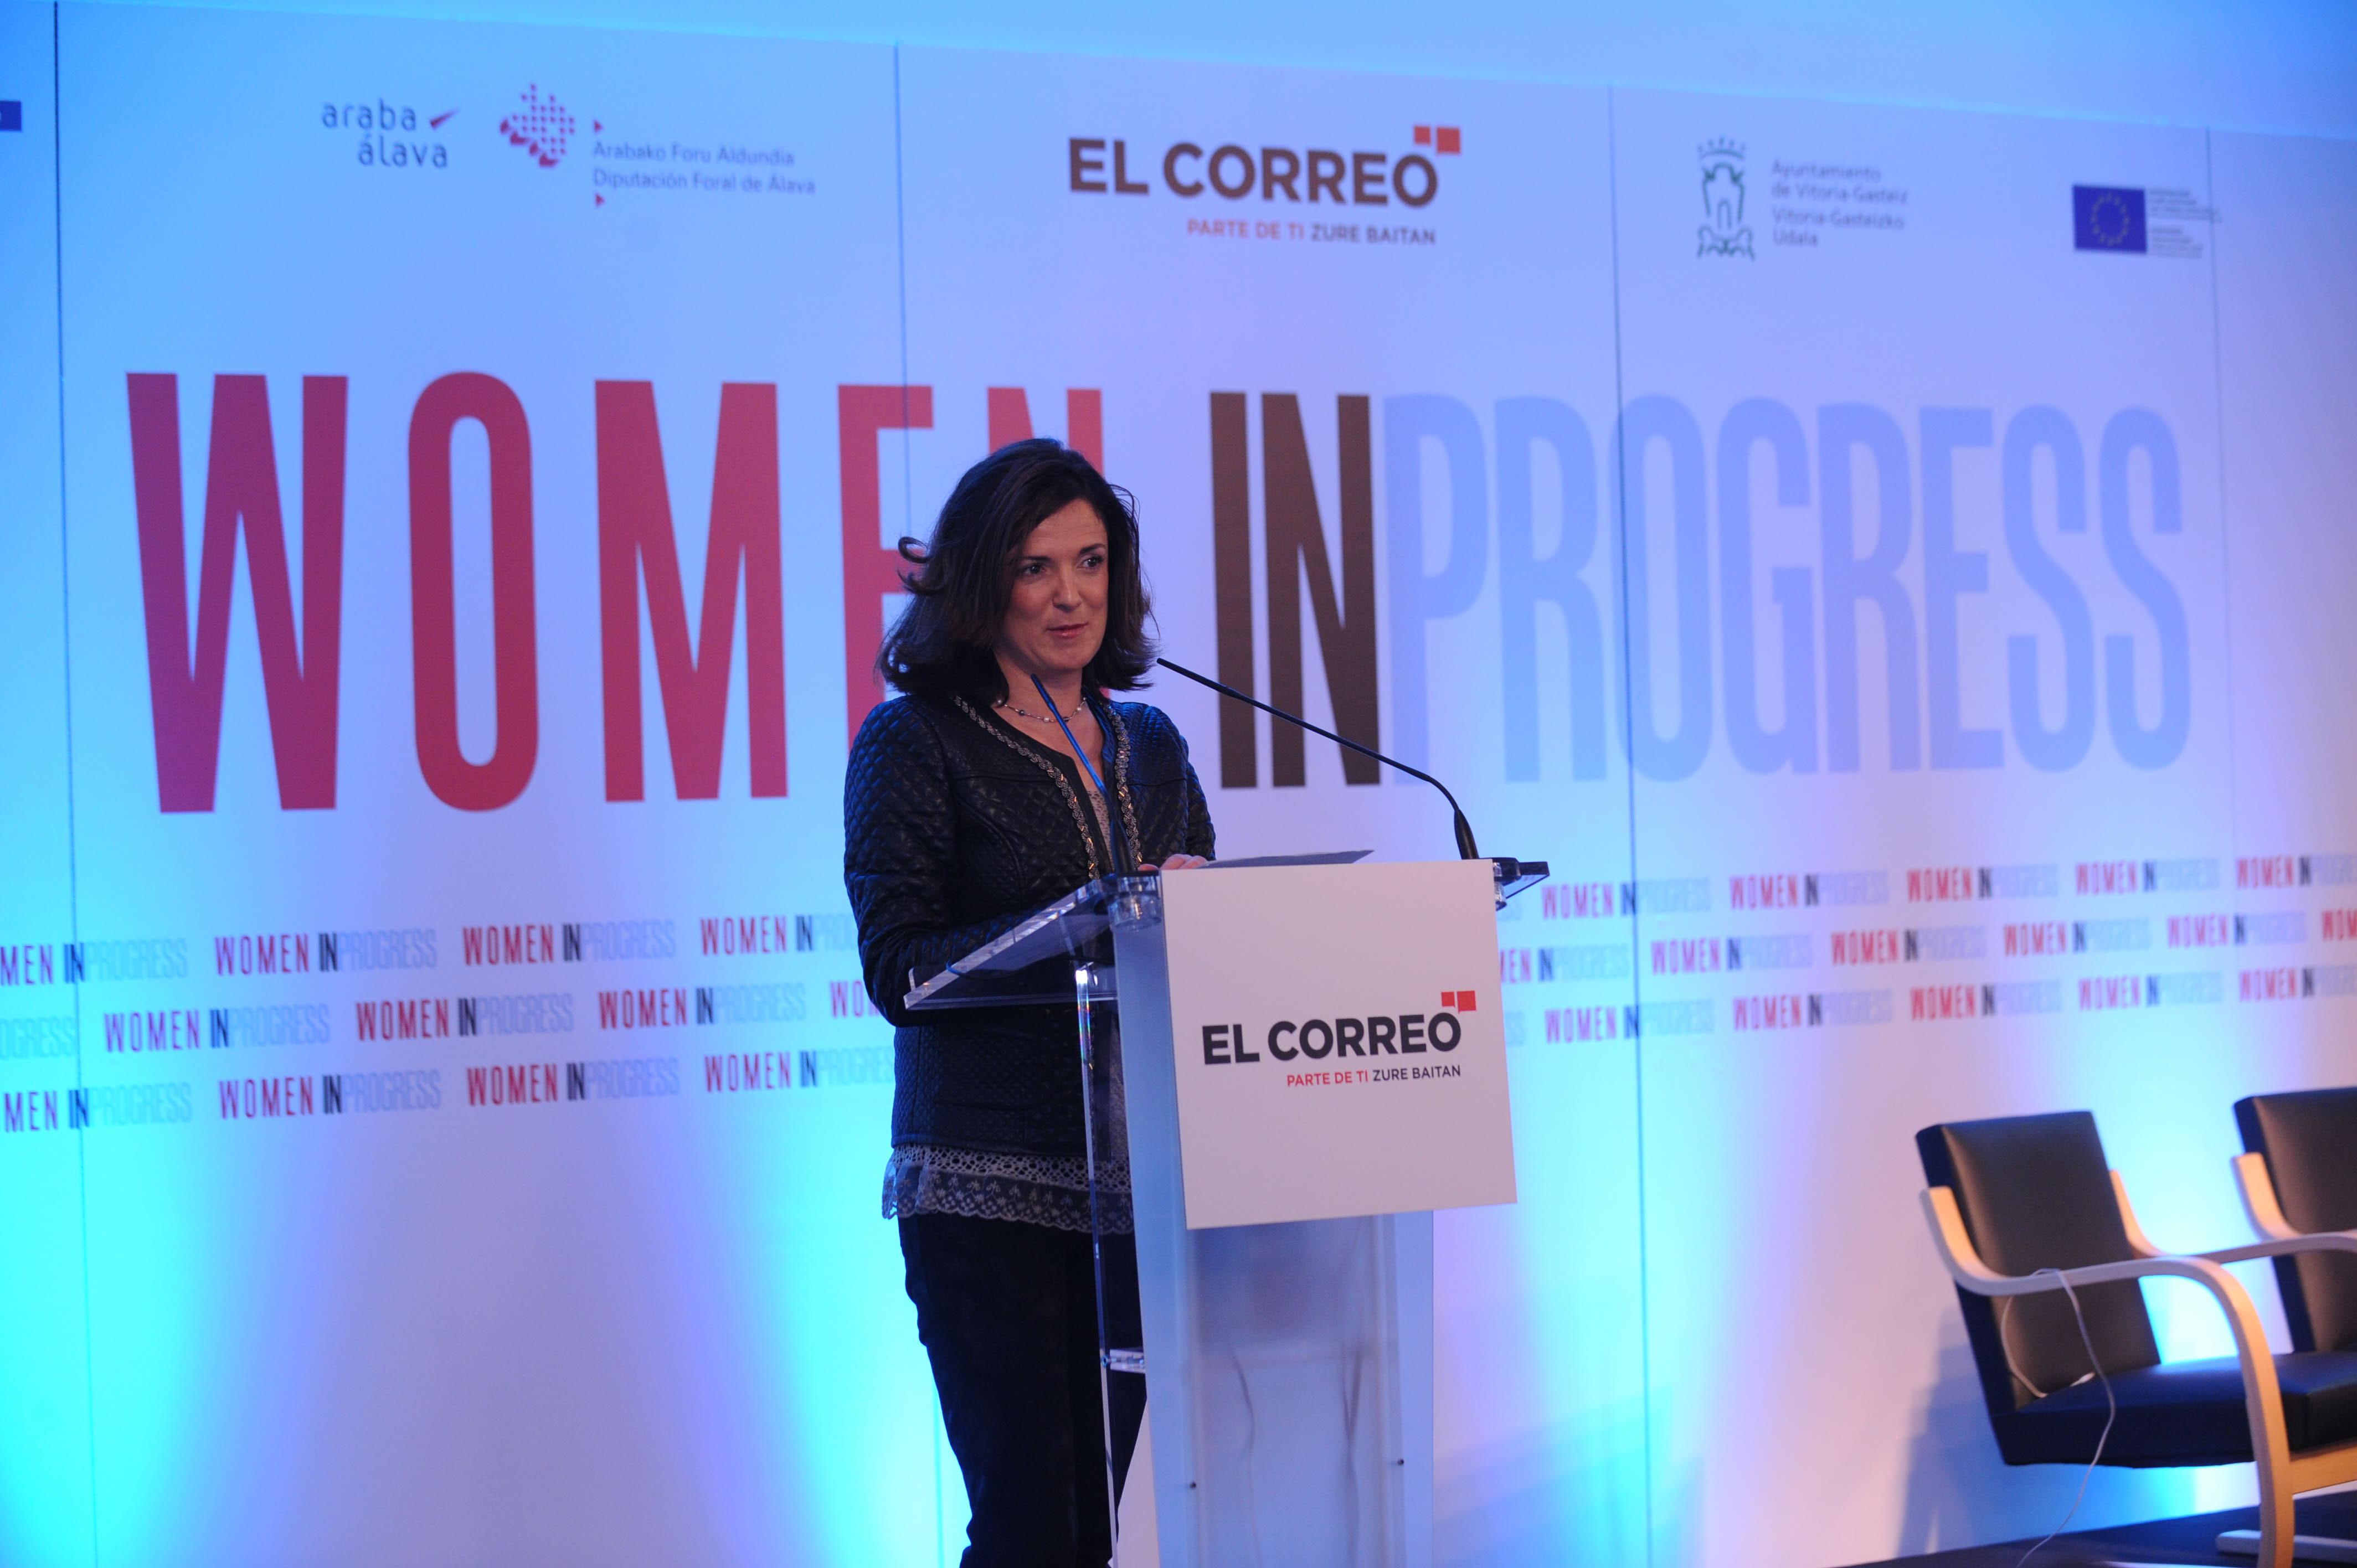 La consejera de Empleo y Políticas Sociales, Beatriz Artolazabal, esta mañana en el Artium. / Igor Aizpuru